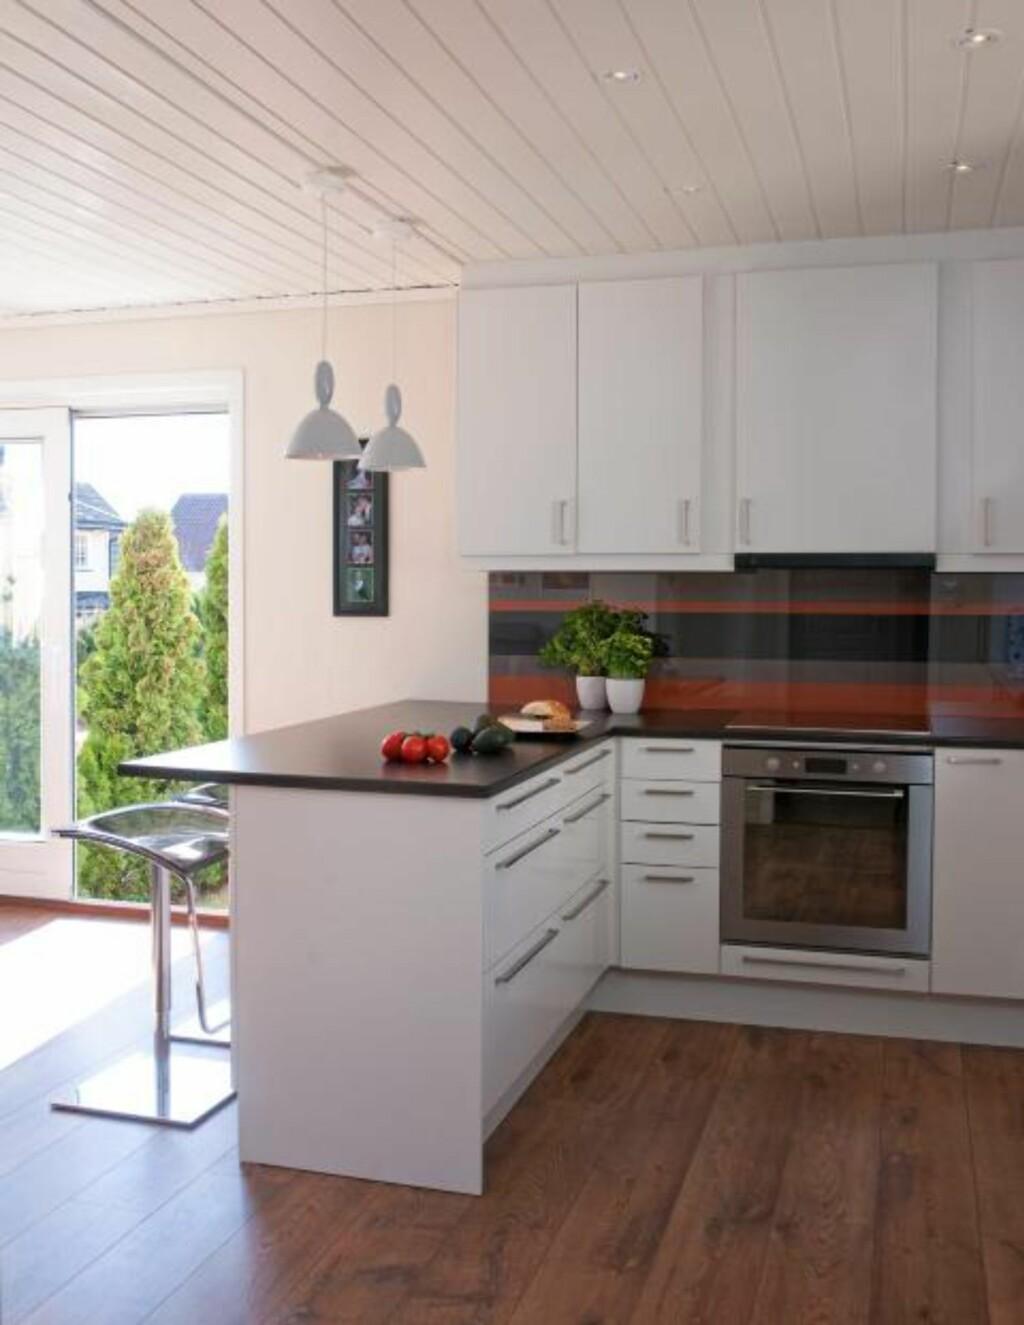 ET HELT NYTT ROM: Kjøkkenet var på 10 kvm, og stua på 40 kvm. Nå har familien fått ett rom på 50 kvm som ligger badet i dagslys. Foto: Espen Grønli